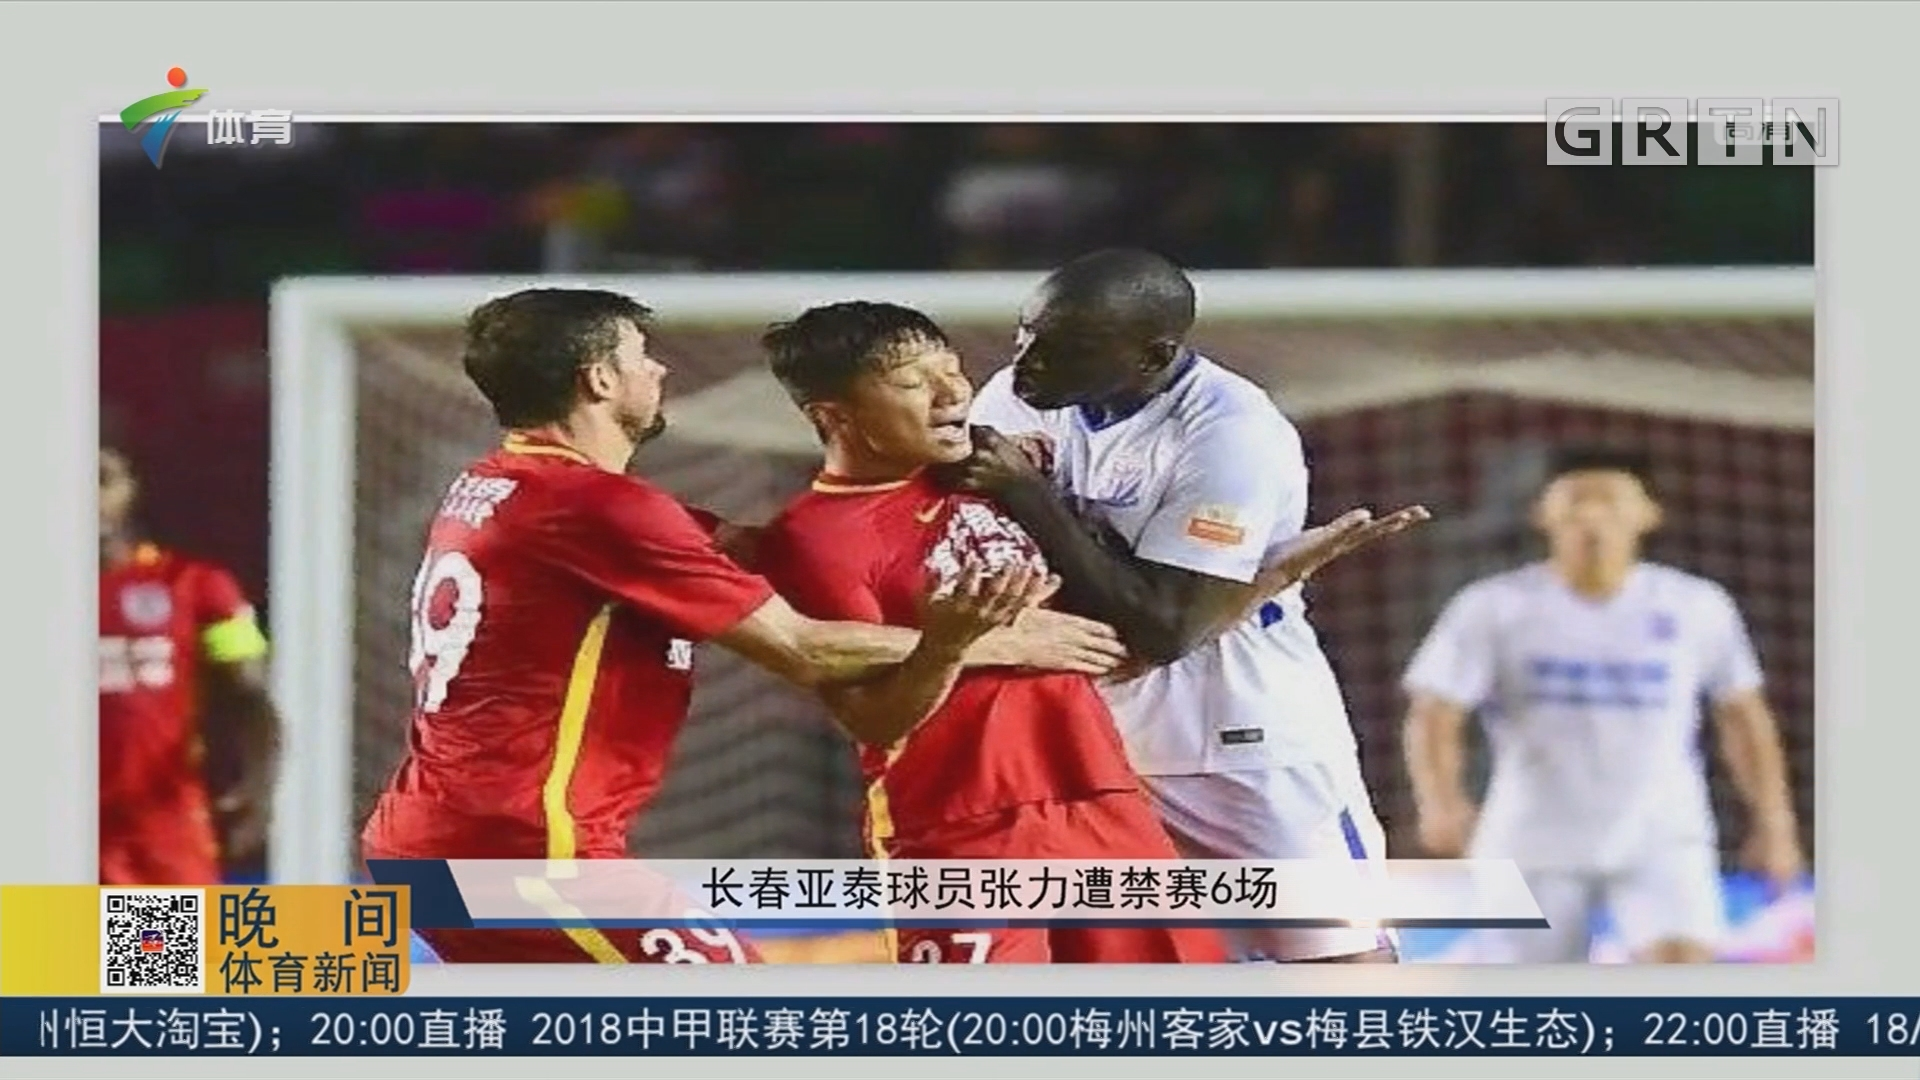 长春亚泰球员张力遭禁赛6场